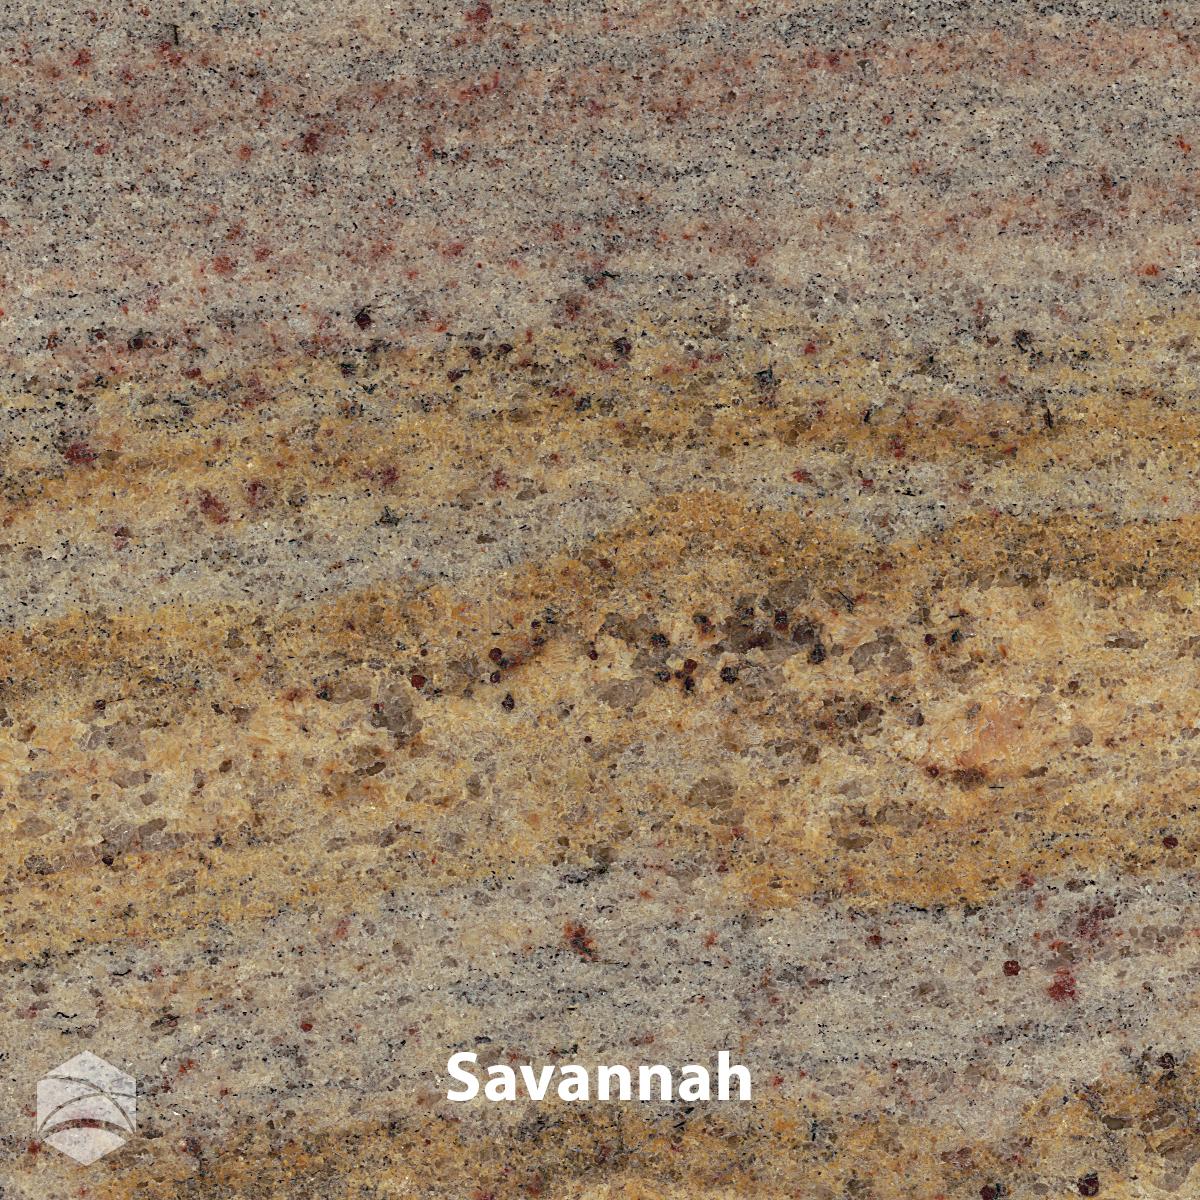 Savannah_V2_12x12.jpg